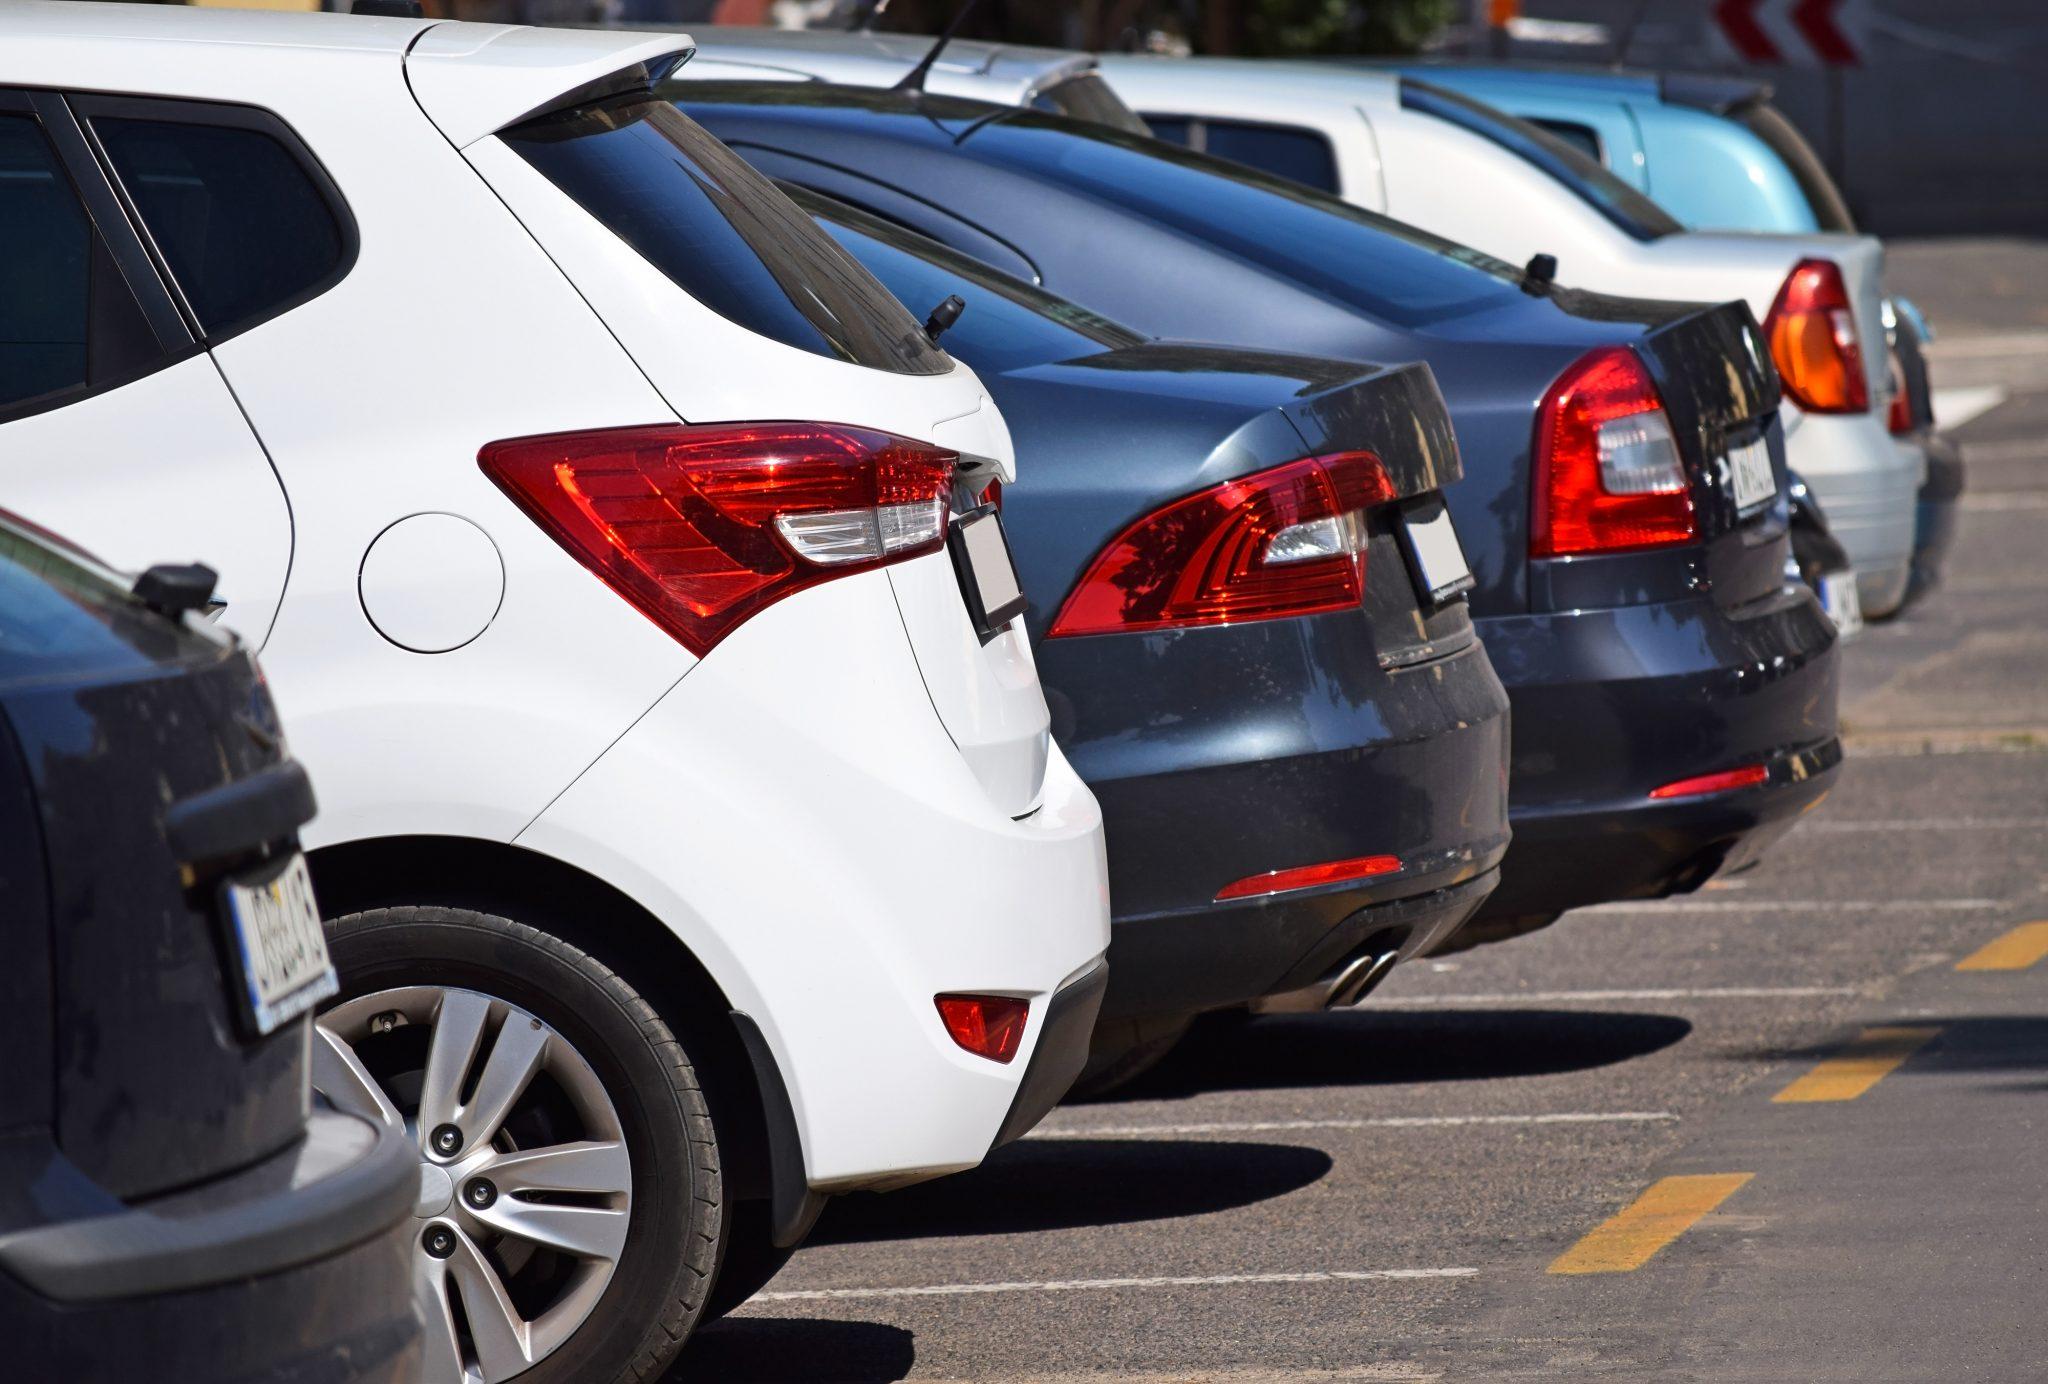 Vanvittigt: 23 biler udsat for indbrud på samme parkeringsplads - samme døgn